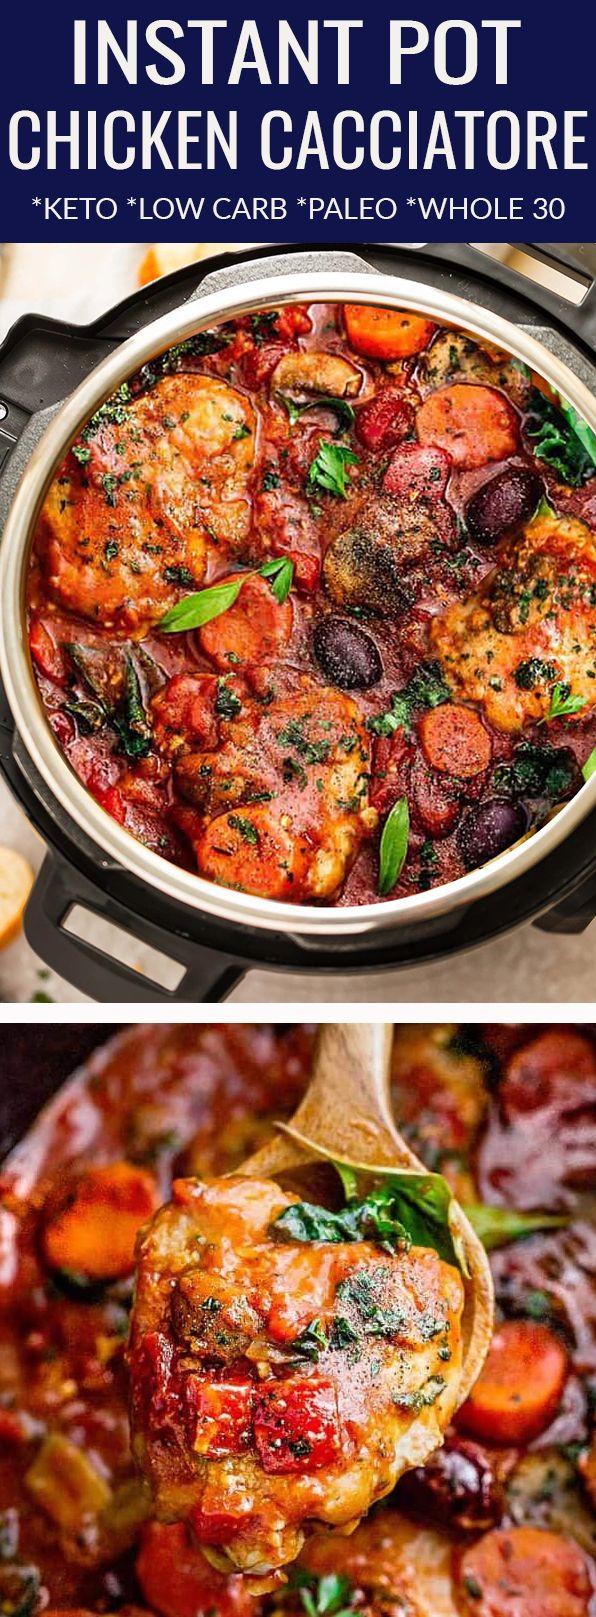 Instant Pot Chicken Cacciatore – ein einfaches Schnellkochtopfgericht mit Tomat …